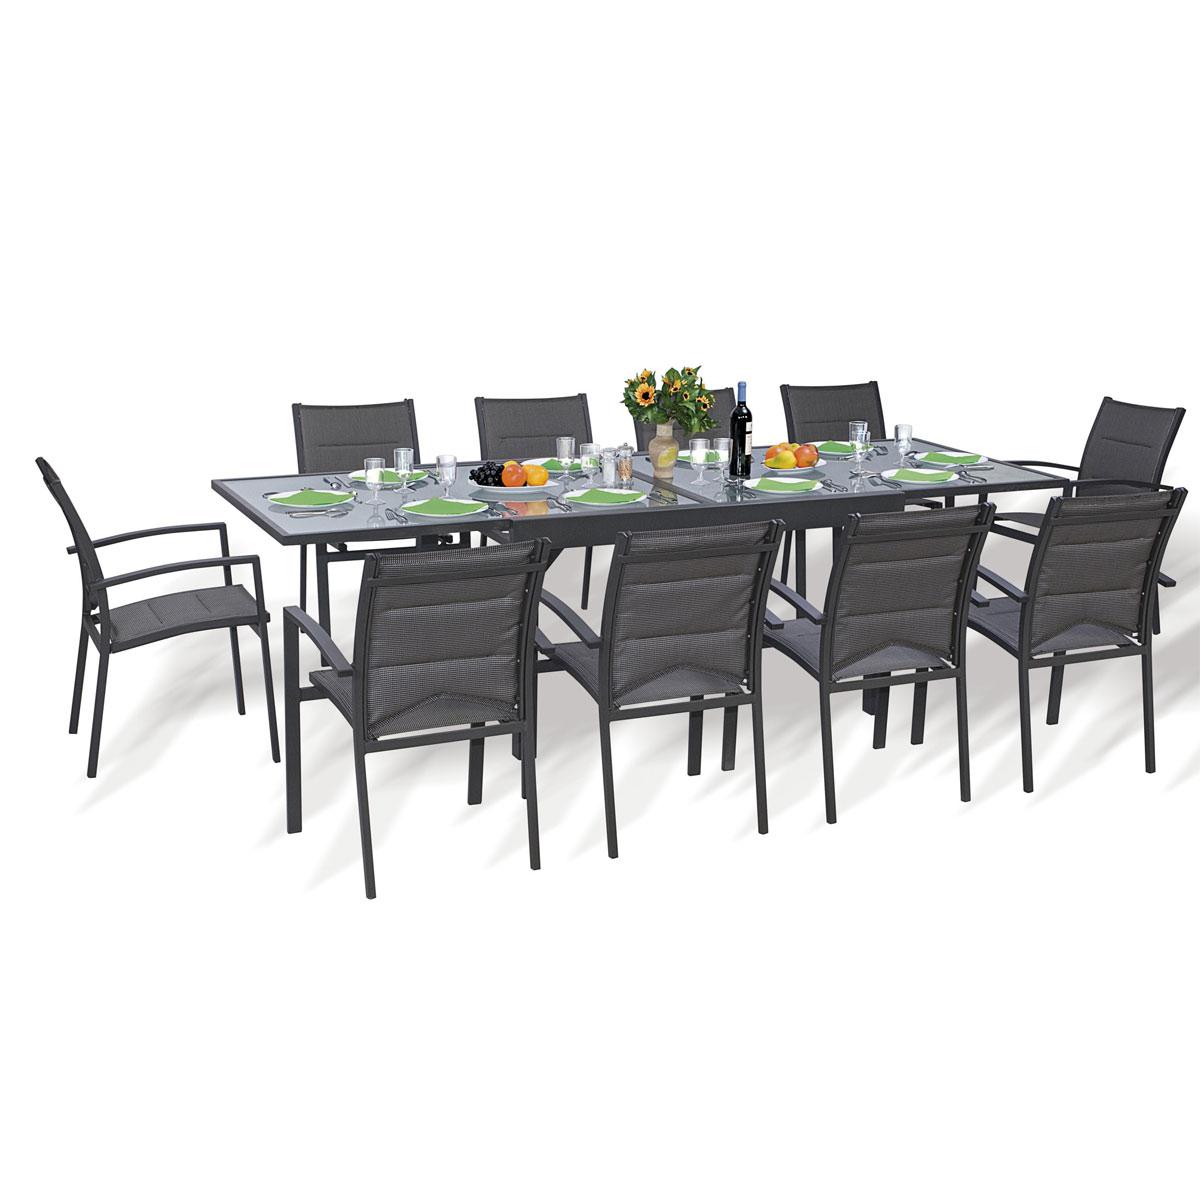 Table De Jardin 10 Personnes encequiconcerne Table De Jardin 10 Personnes